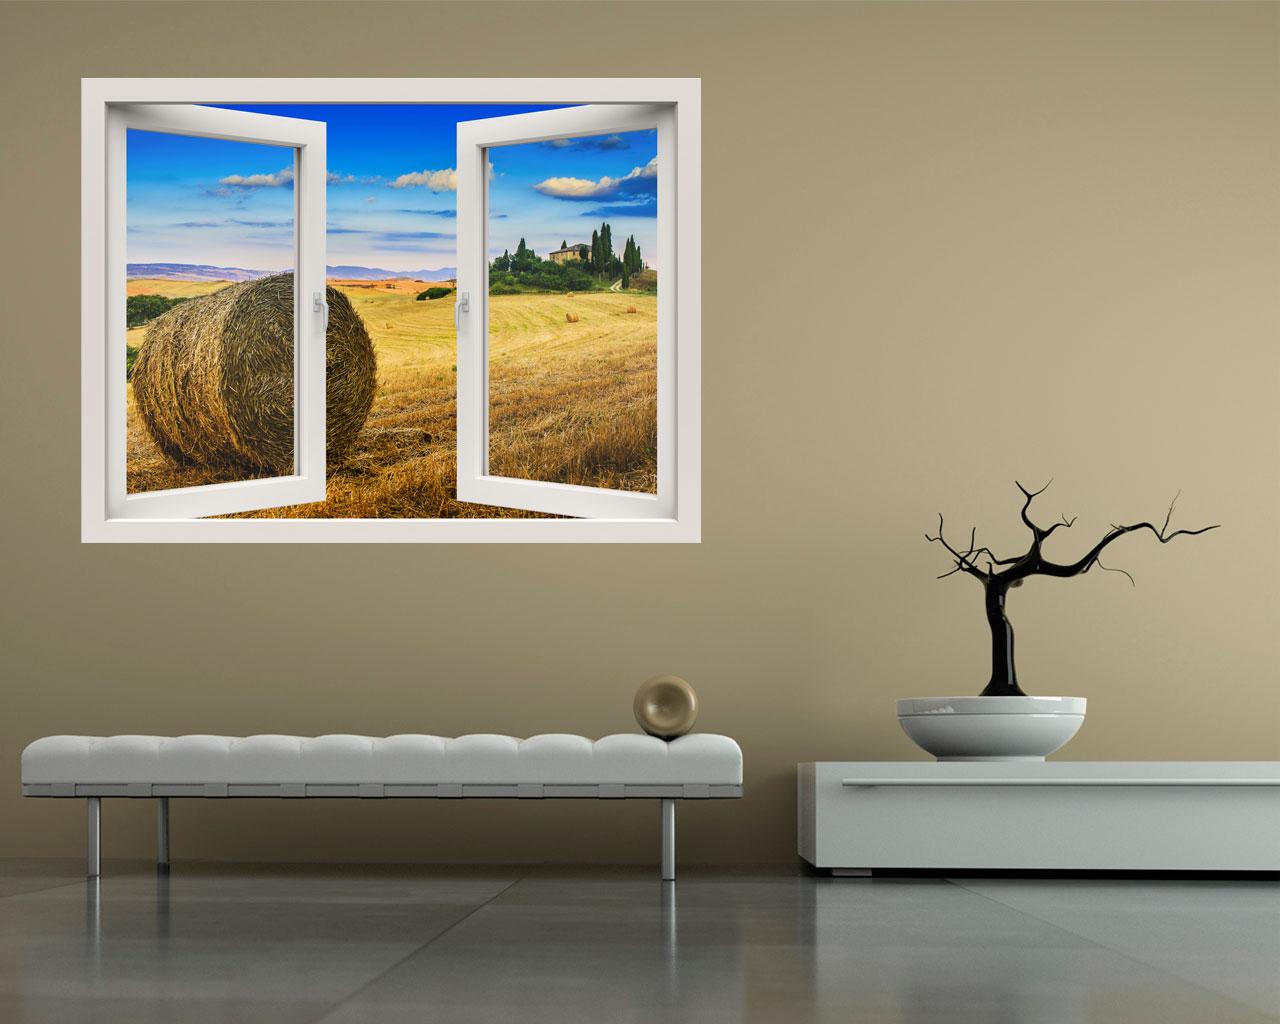 Paesaggio toscano natura finestra illusione interni - Adesivo murale finestra ...